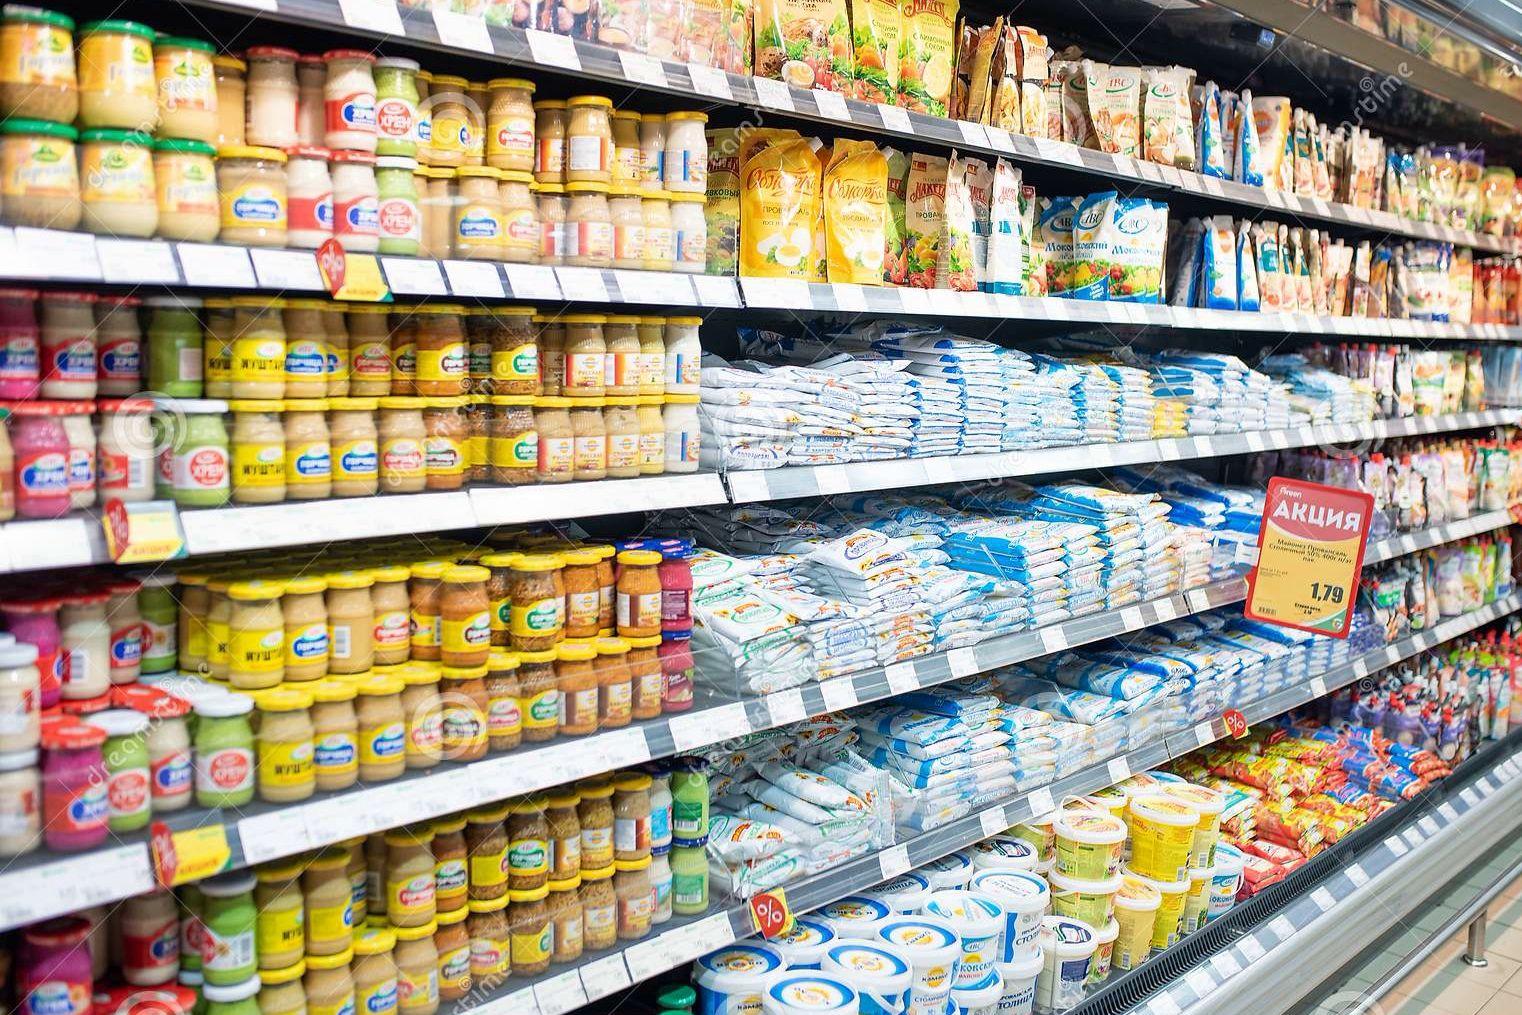 У Лукашенко придумали, как ответить Украине и ЕС на санкции: на полках магазинов спрячут товары